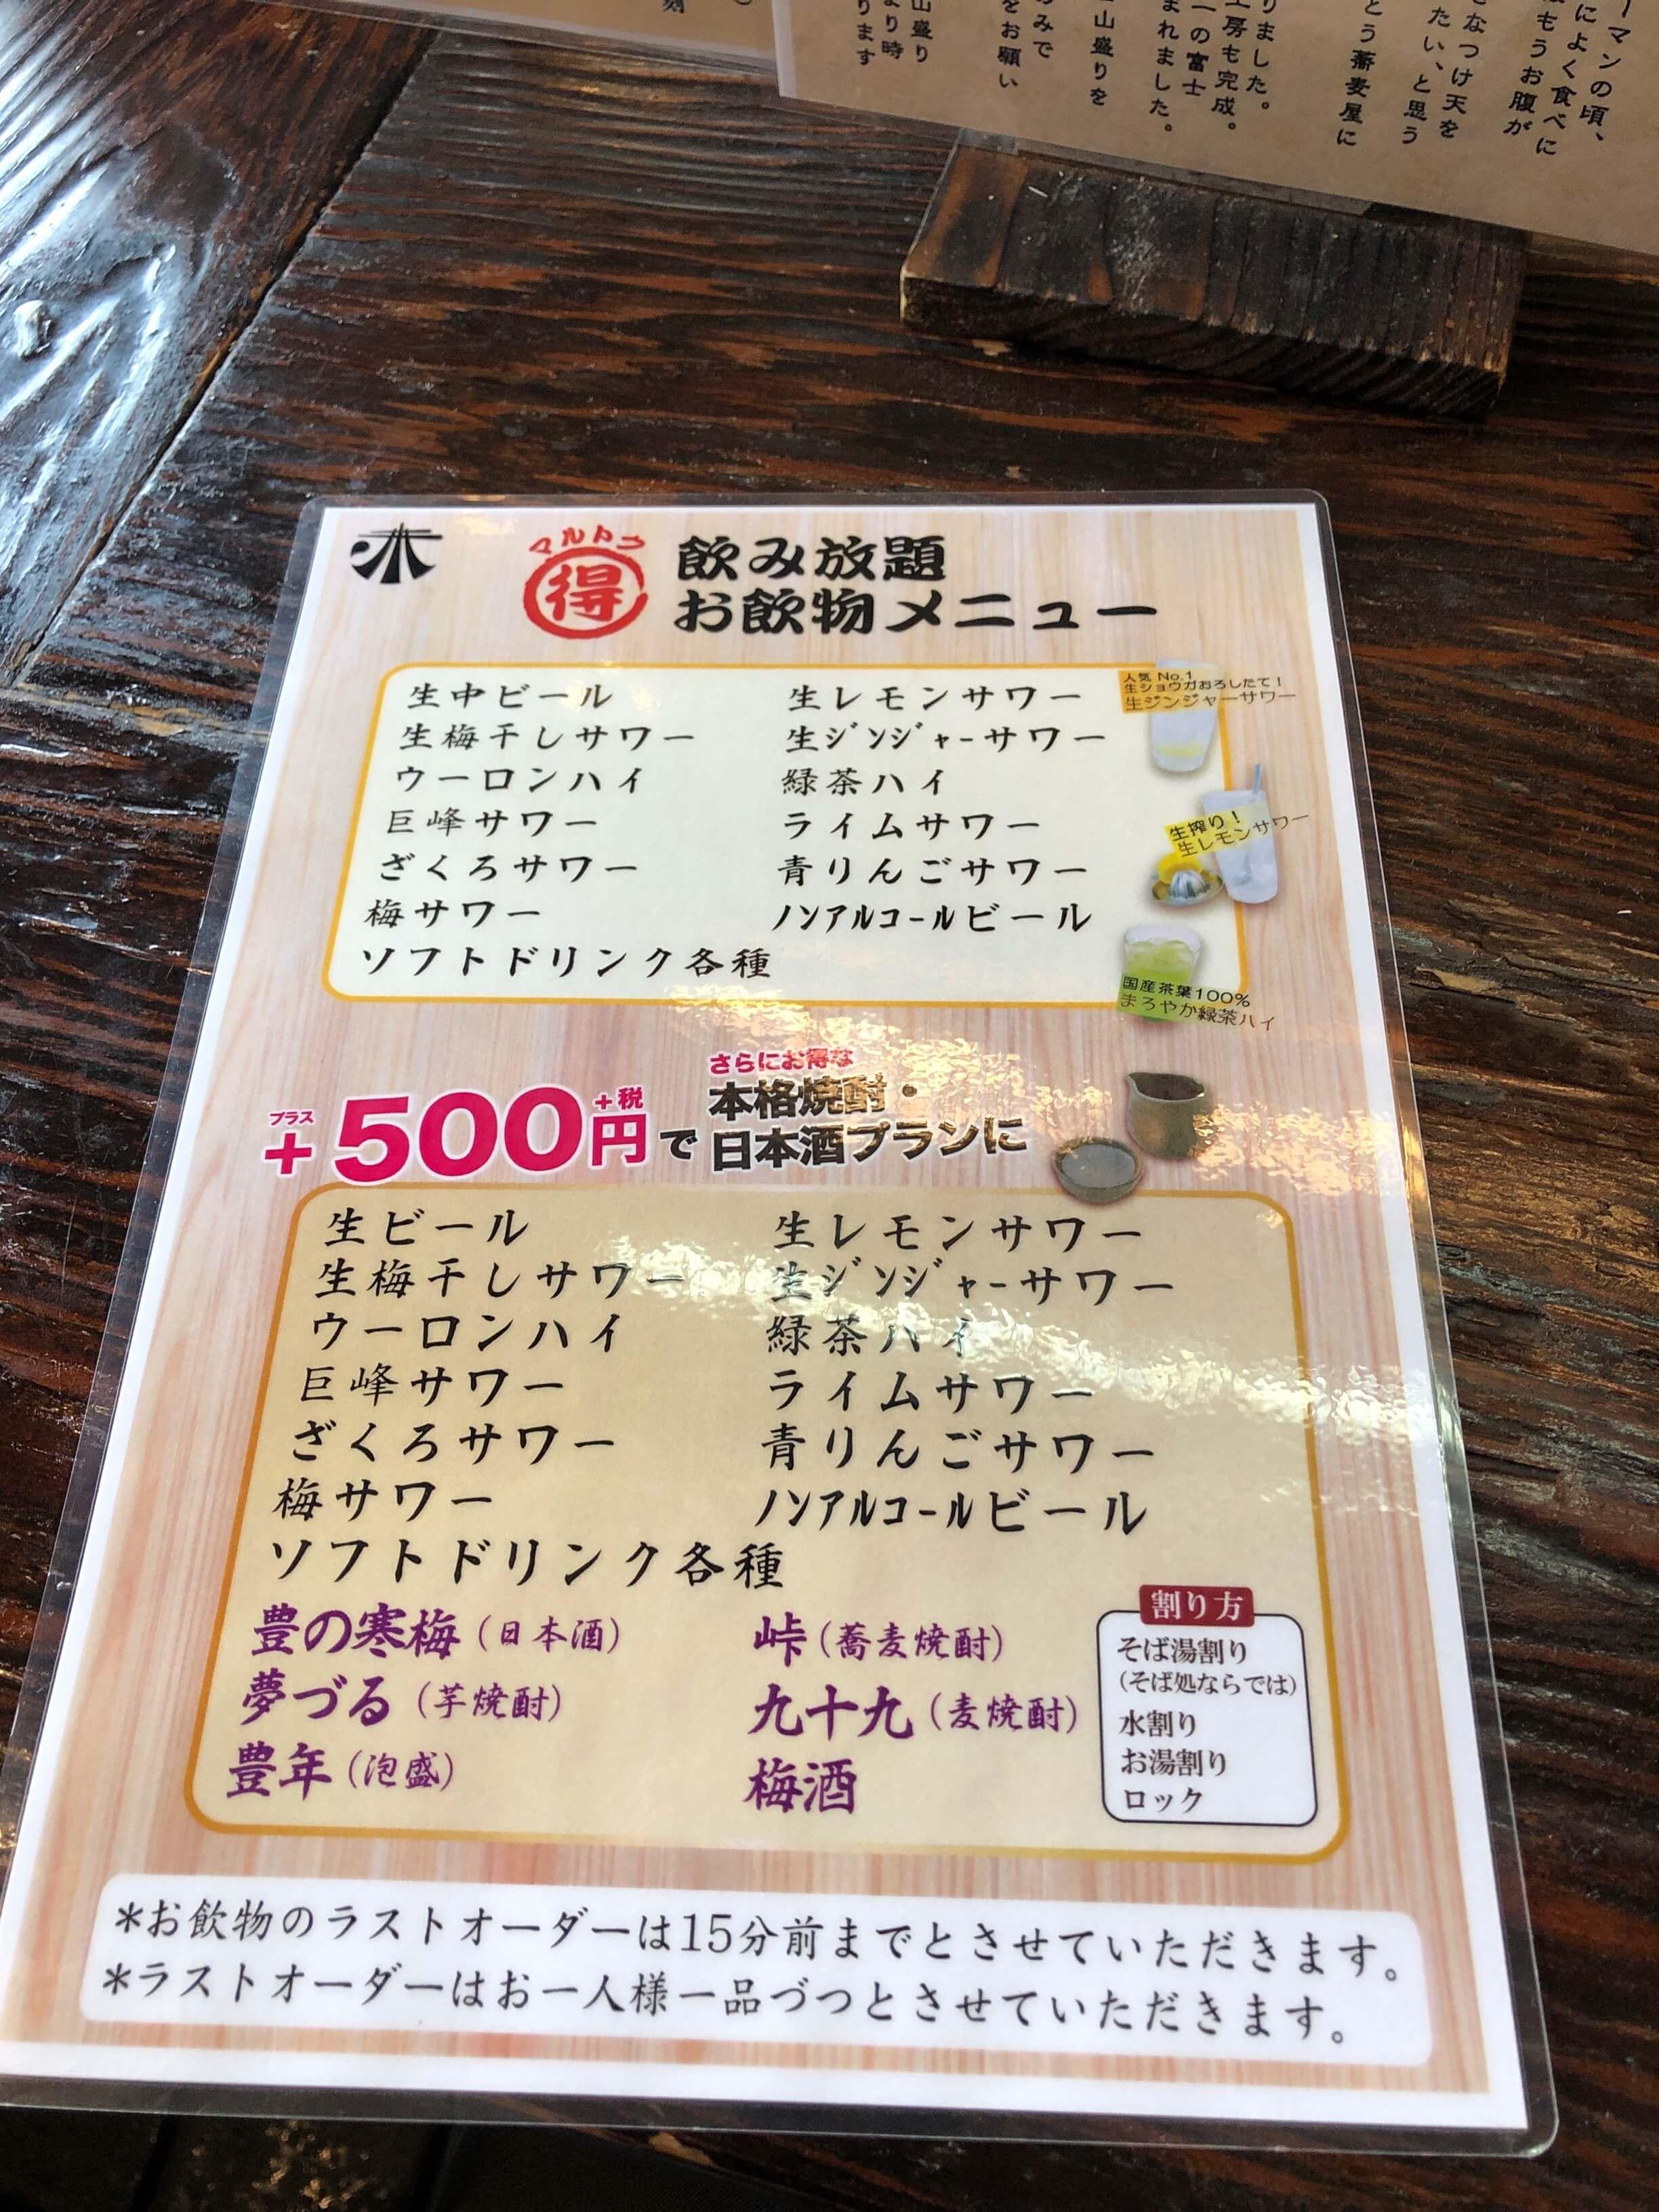 味奈登庵 総本店メニュー2020.07.02_10